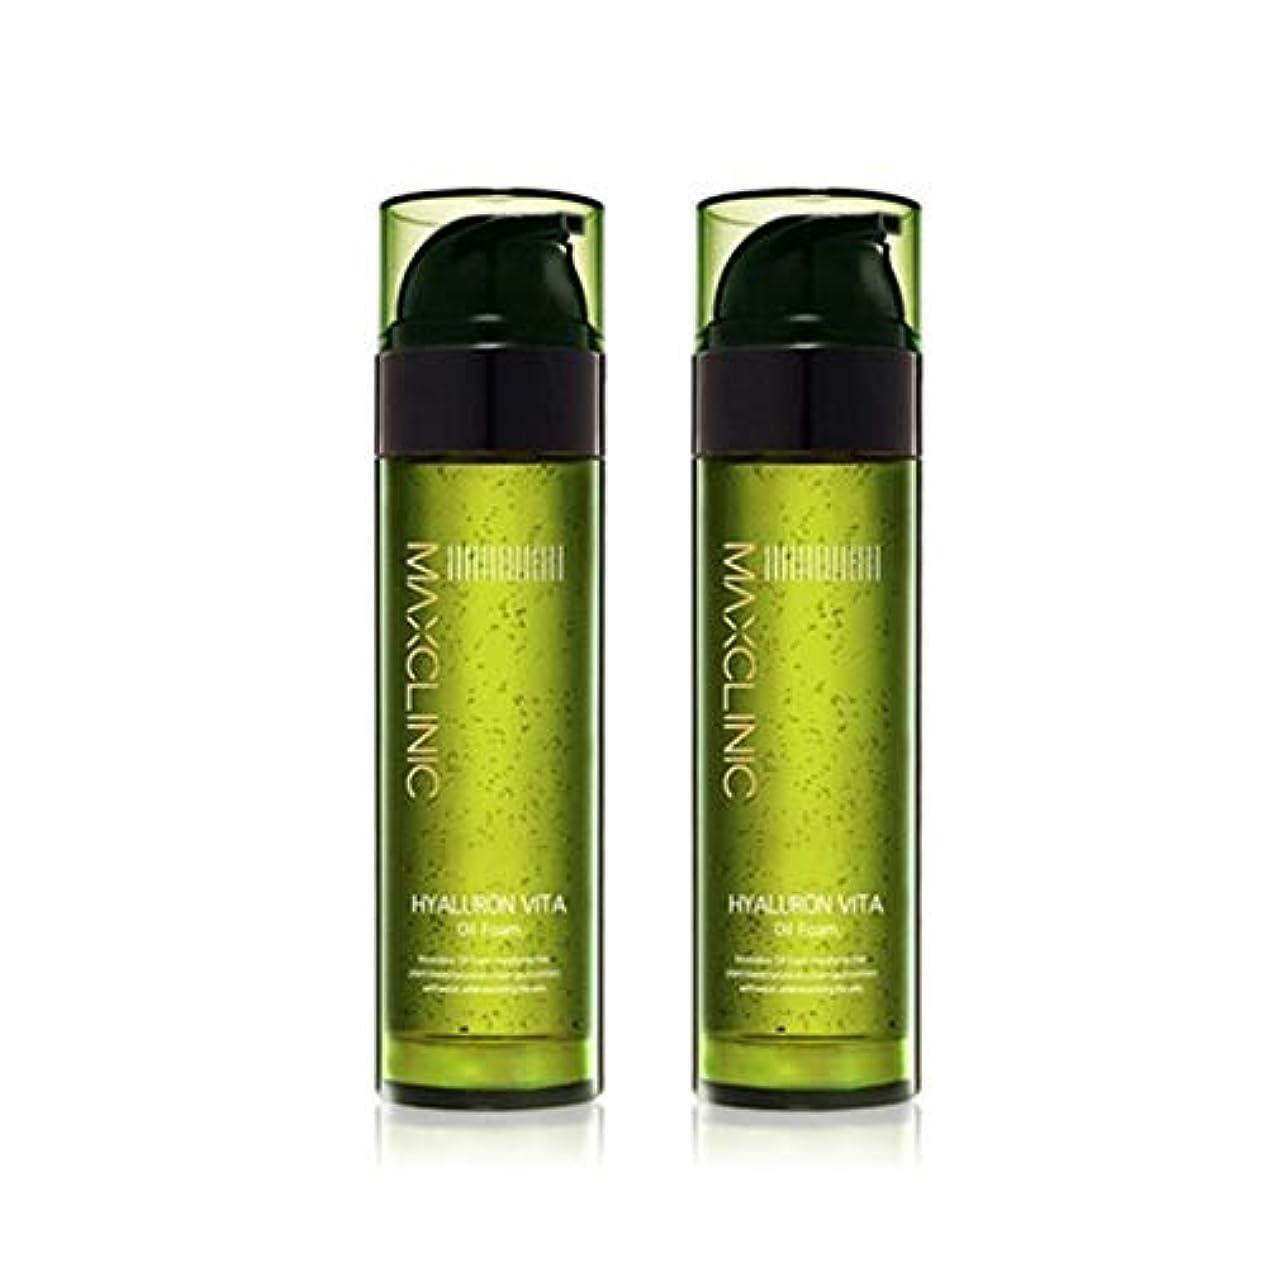 連続した消費者抵抗マックスクリニックヒアルロンヴィータオイルフォーム110gx2本セット韓国コスメ、Maxclinic Hyaluronic Acid Vita Oil Foam 110g x 2ea Set Korean Cosmetics...